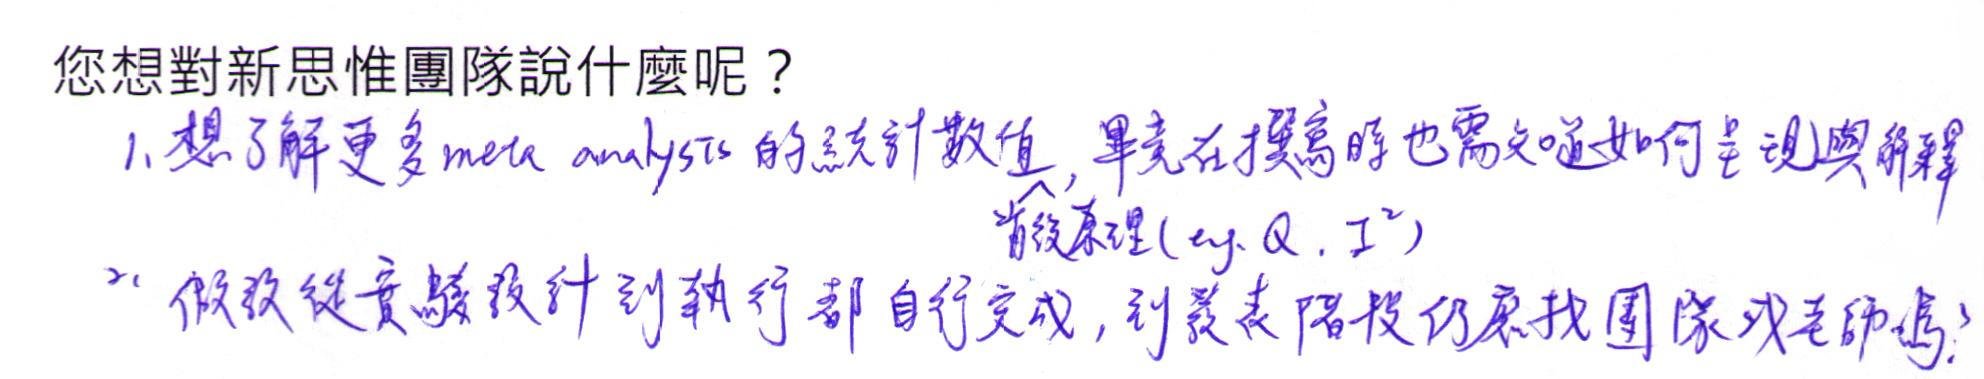 20201107_feedback_00012